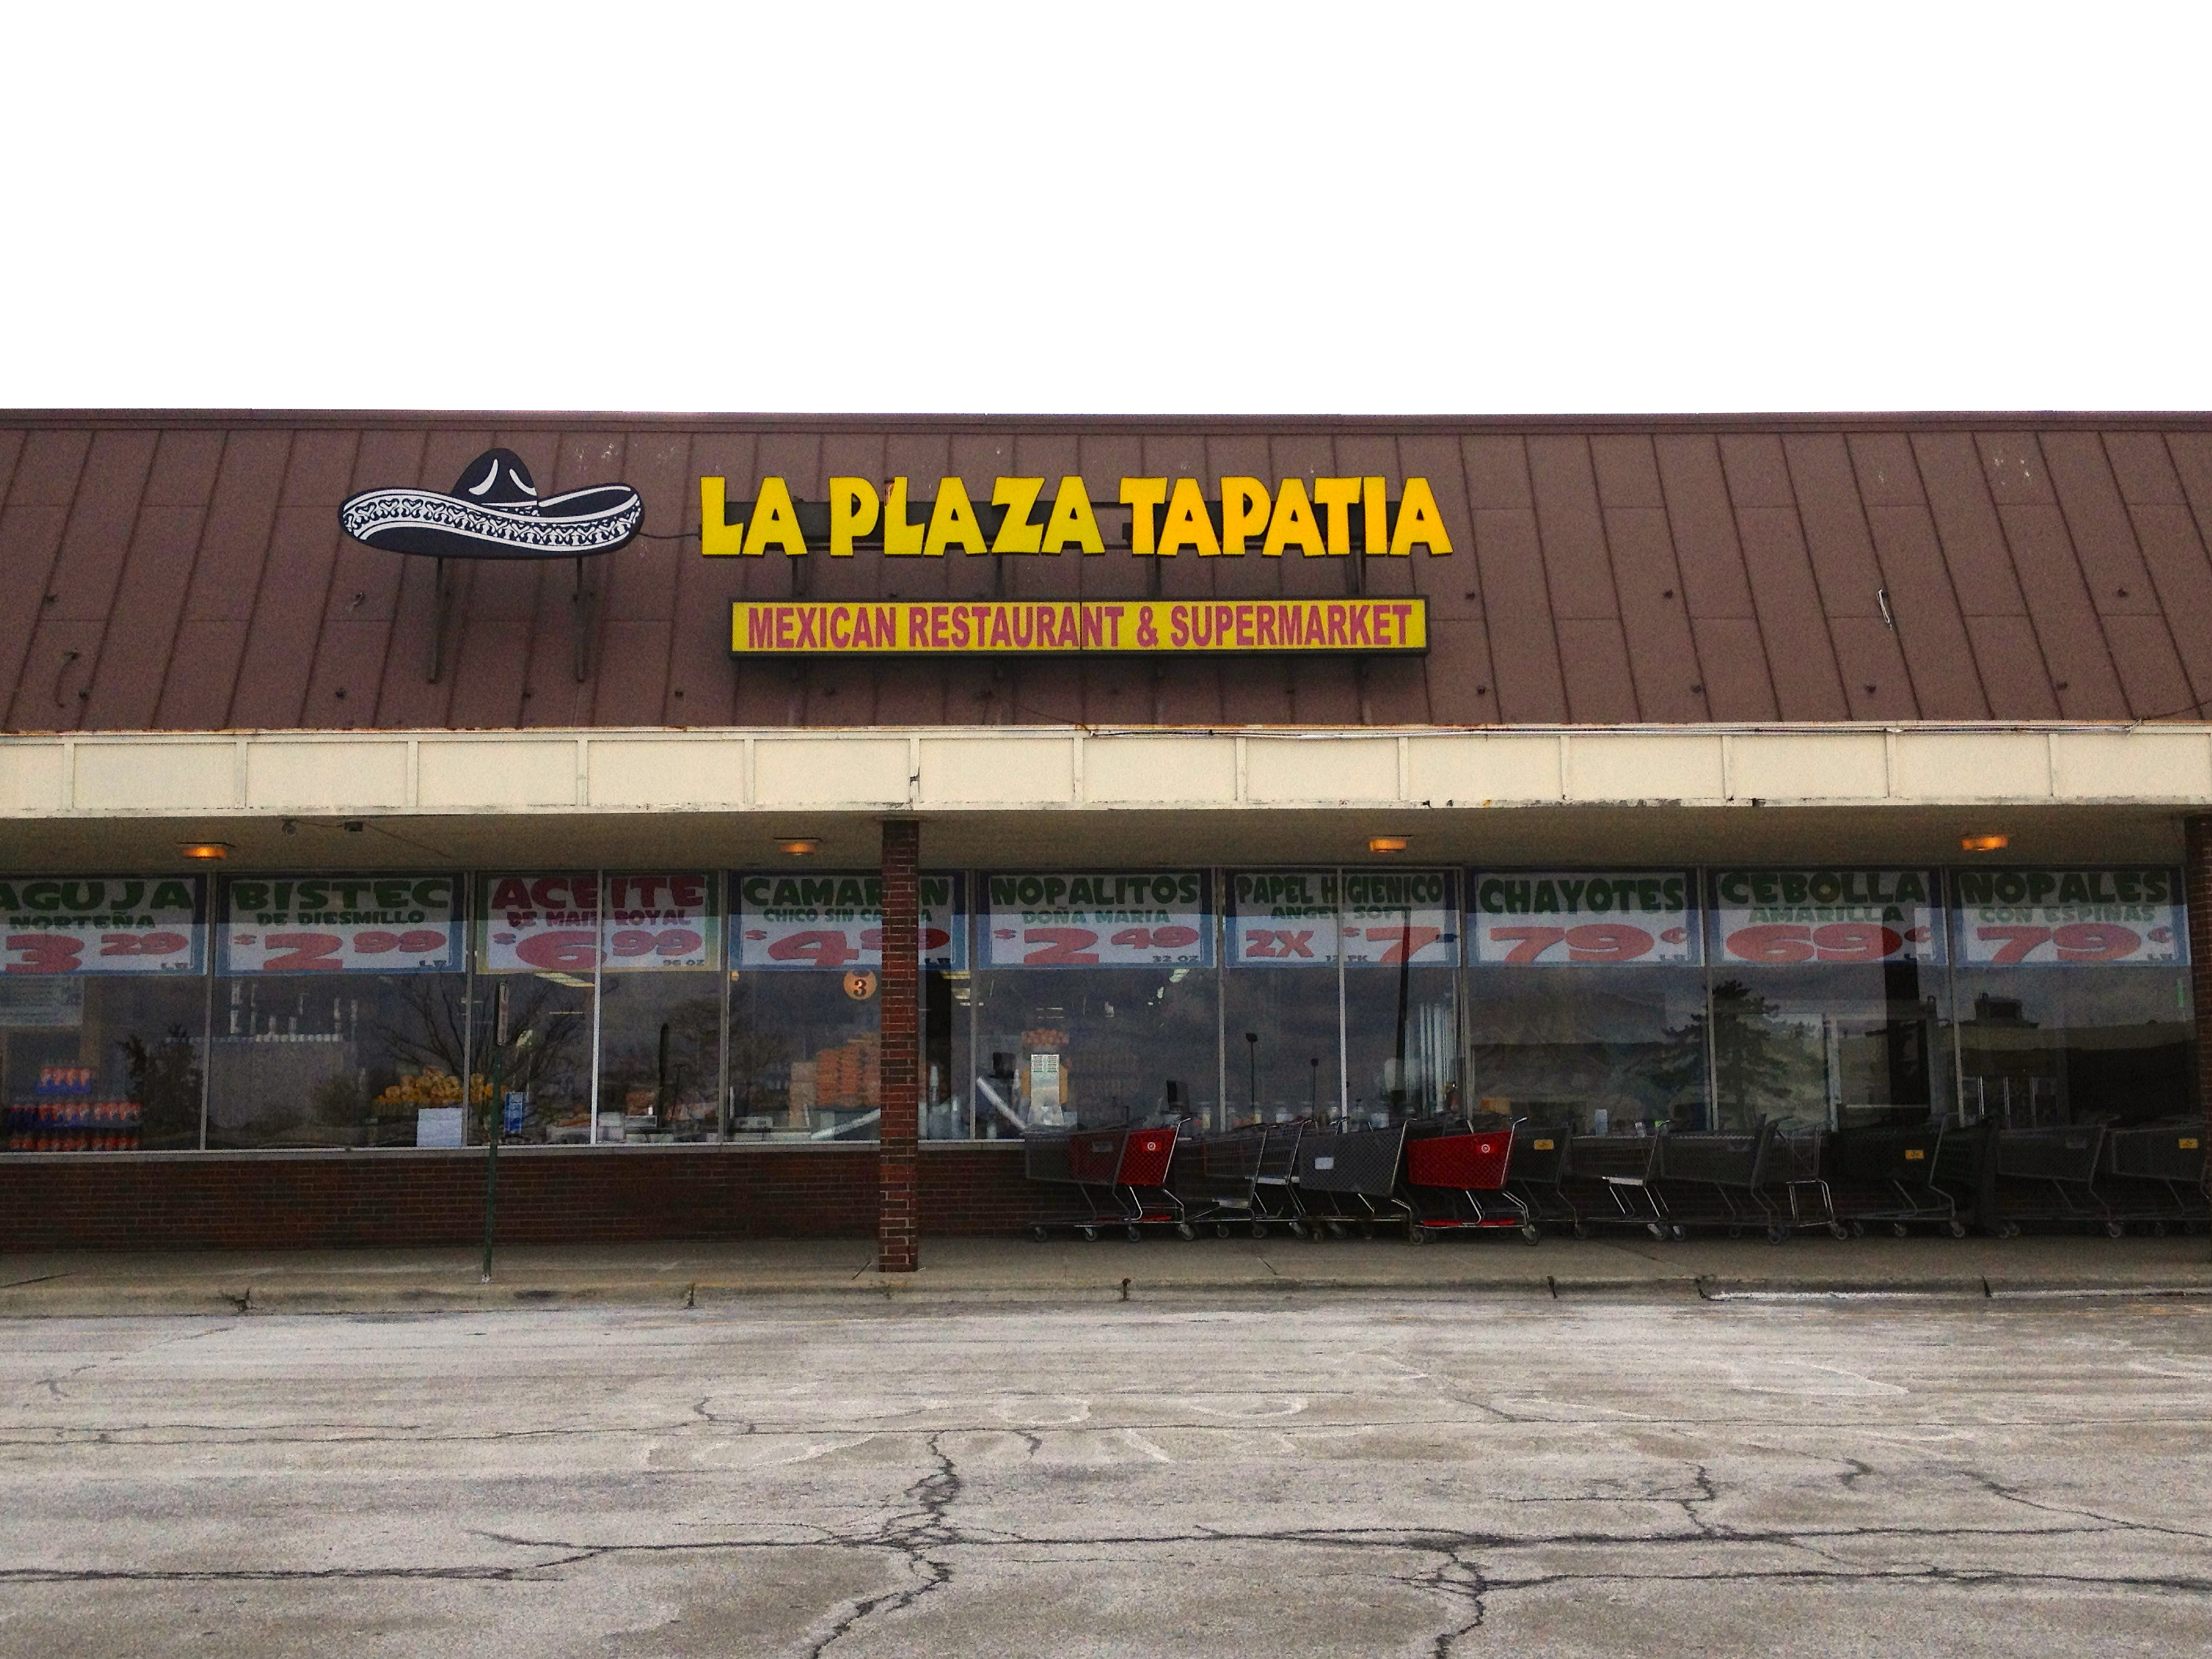 La Plaza Tapatia Restaurant Columbus Ohio